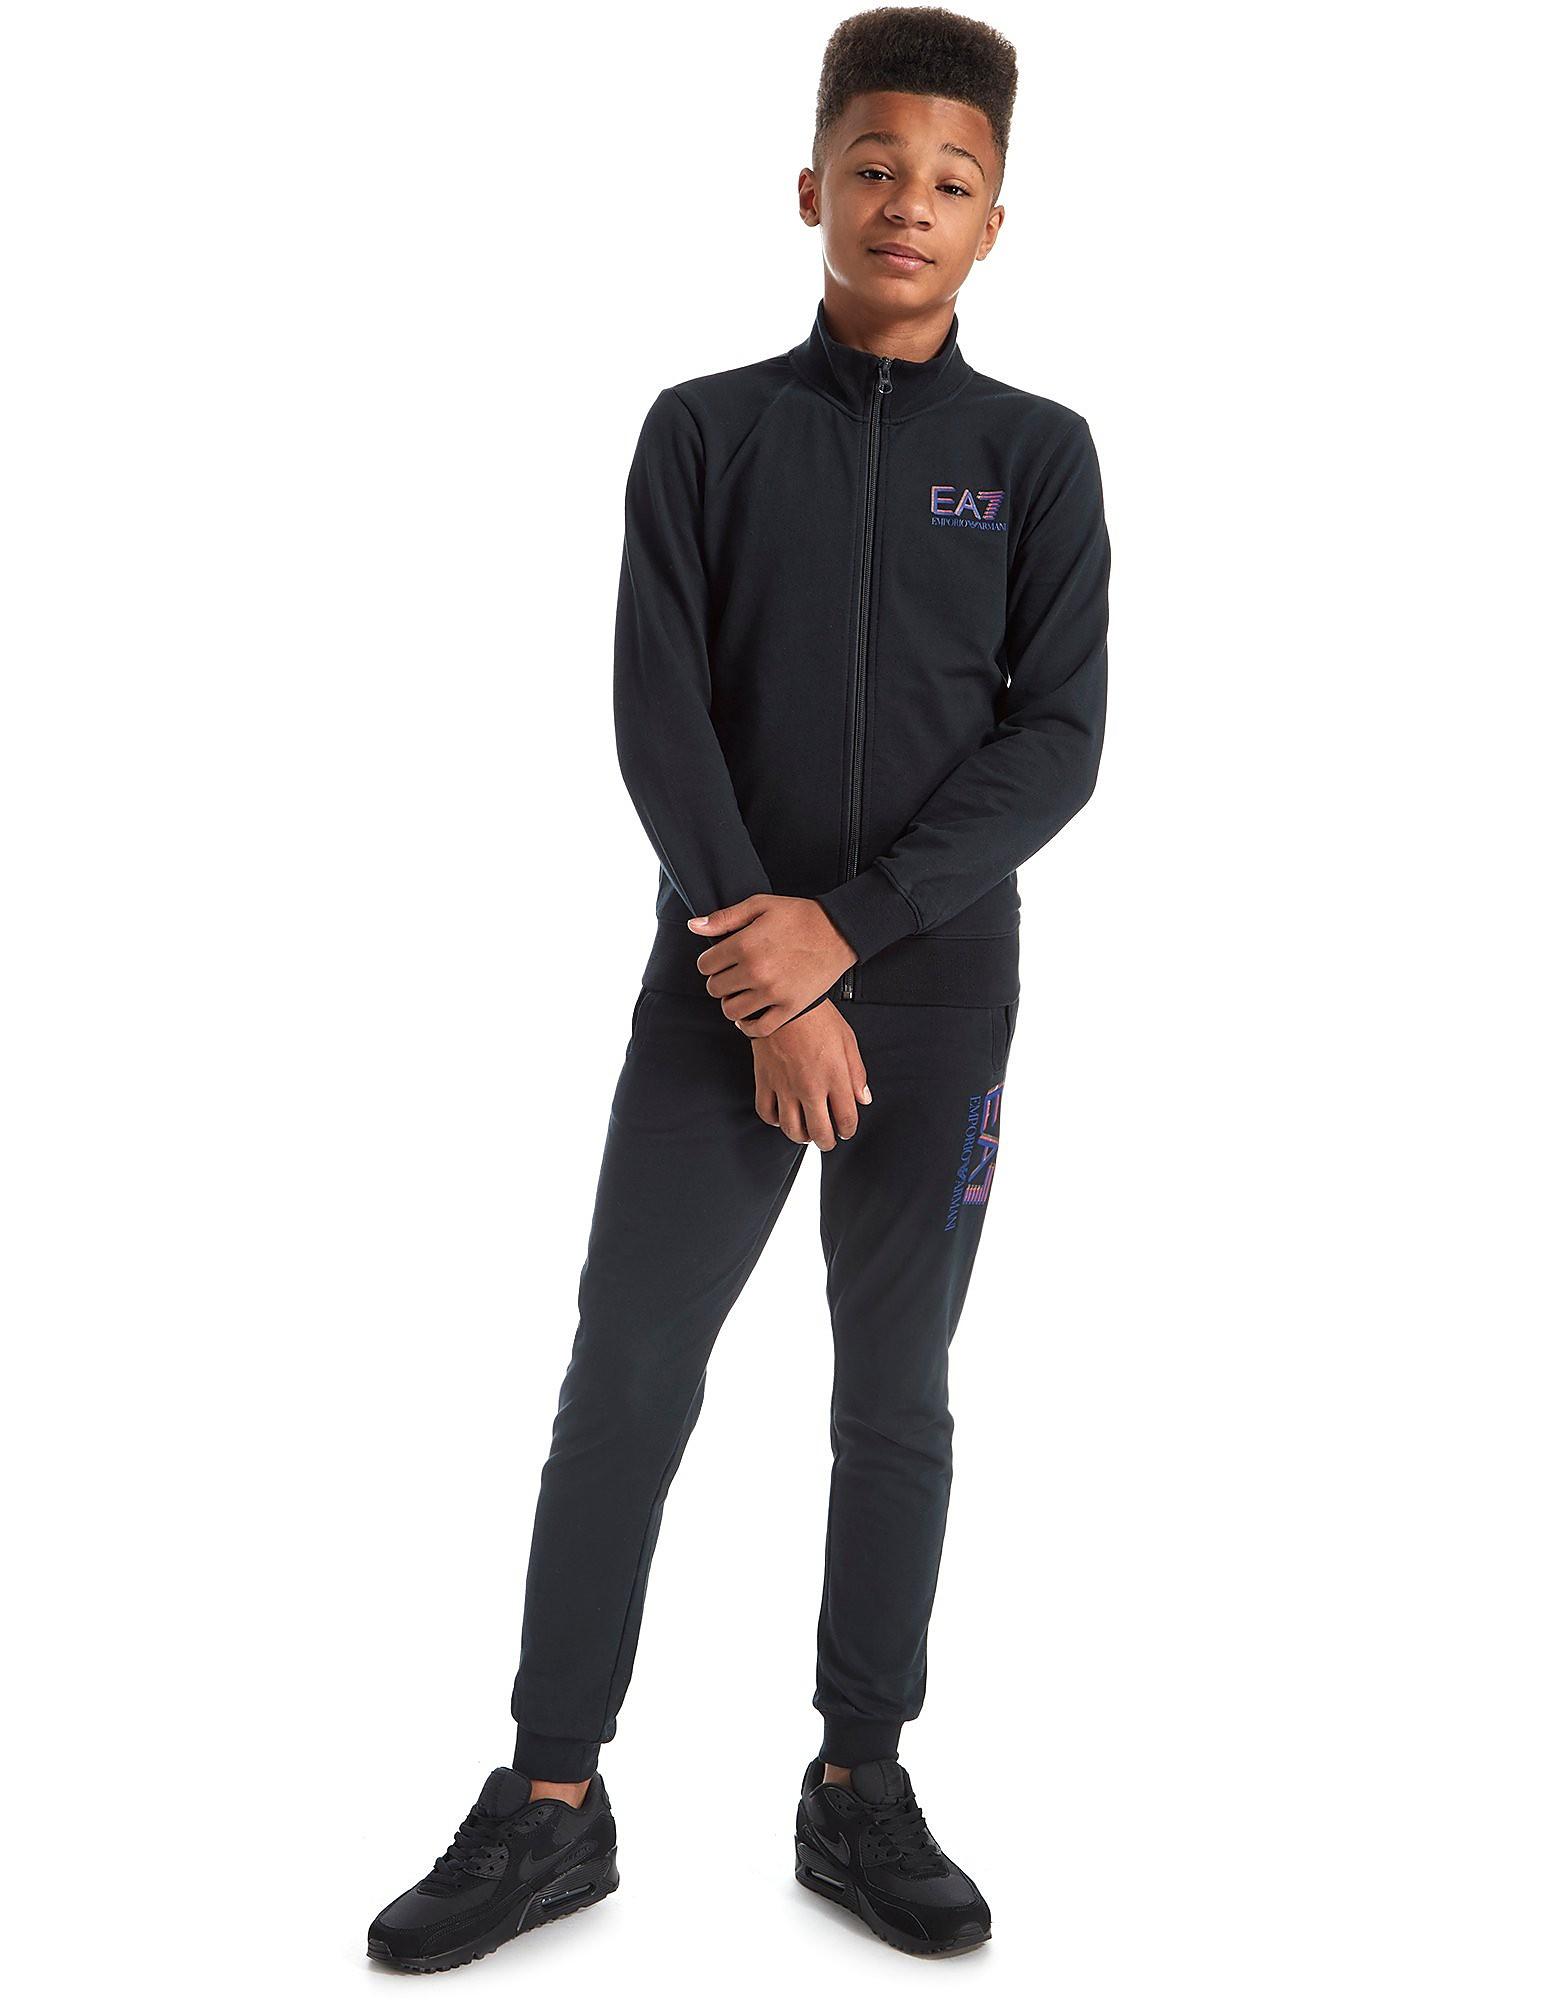 Emporio Armani EA7 Training Track Top Suit Junior